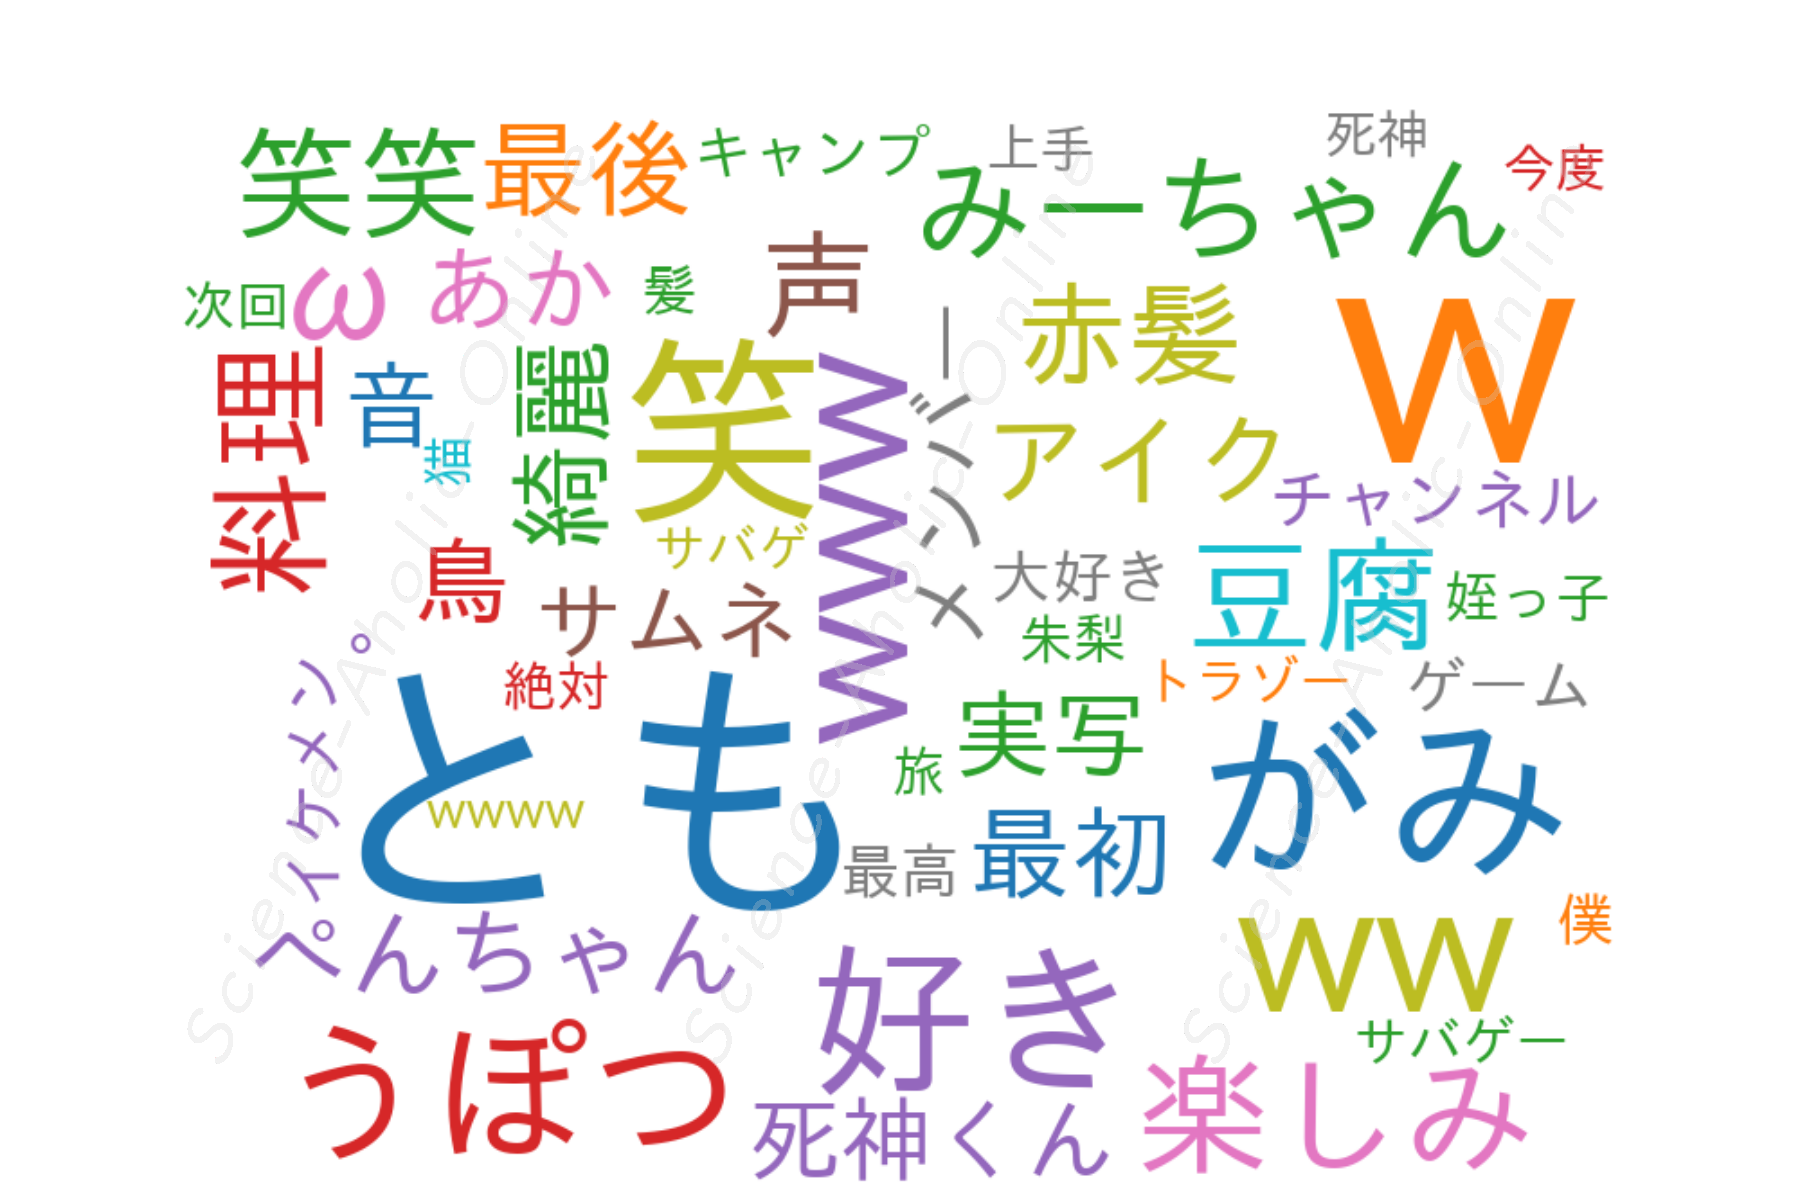 https://science-aholic-online.com/wp-content/uploads/2020/08/wordcloud_赤髪のともの実写チャンネル!!.png